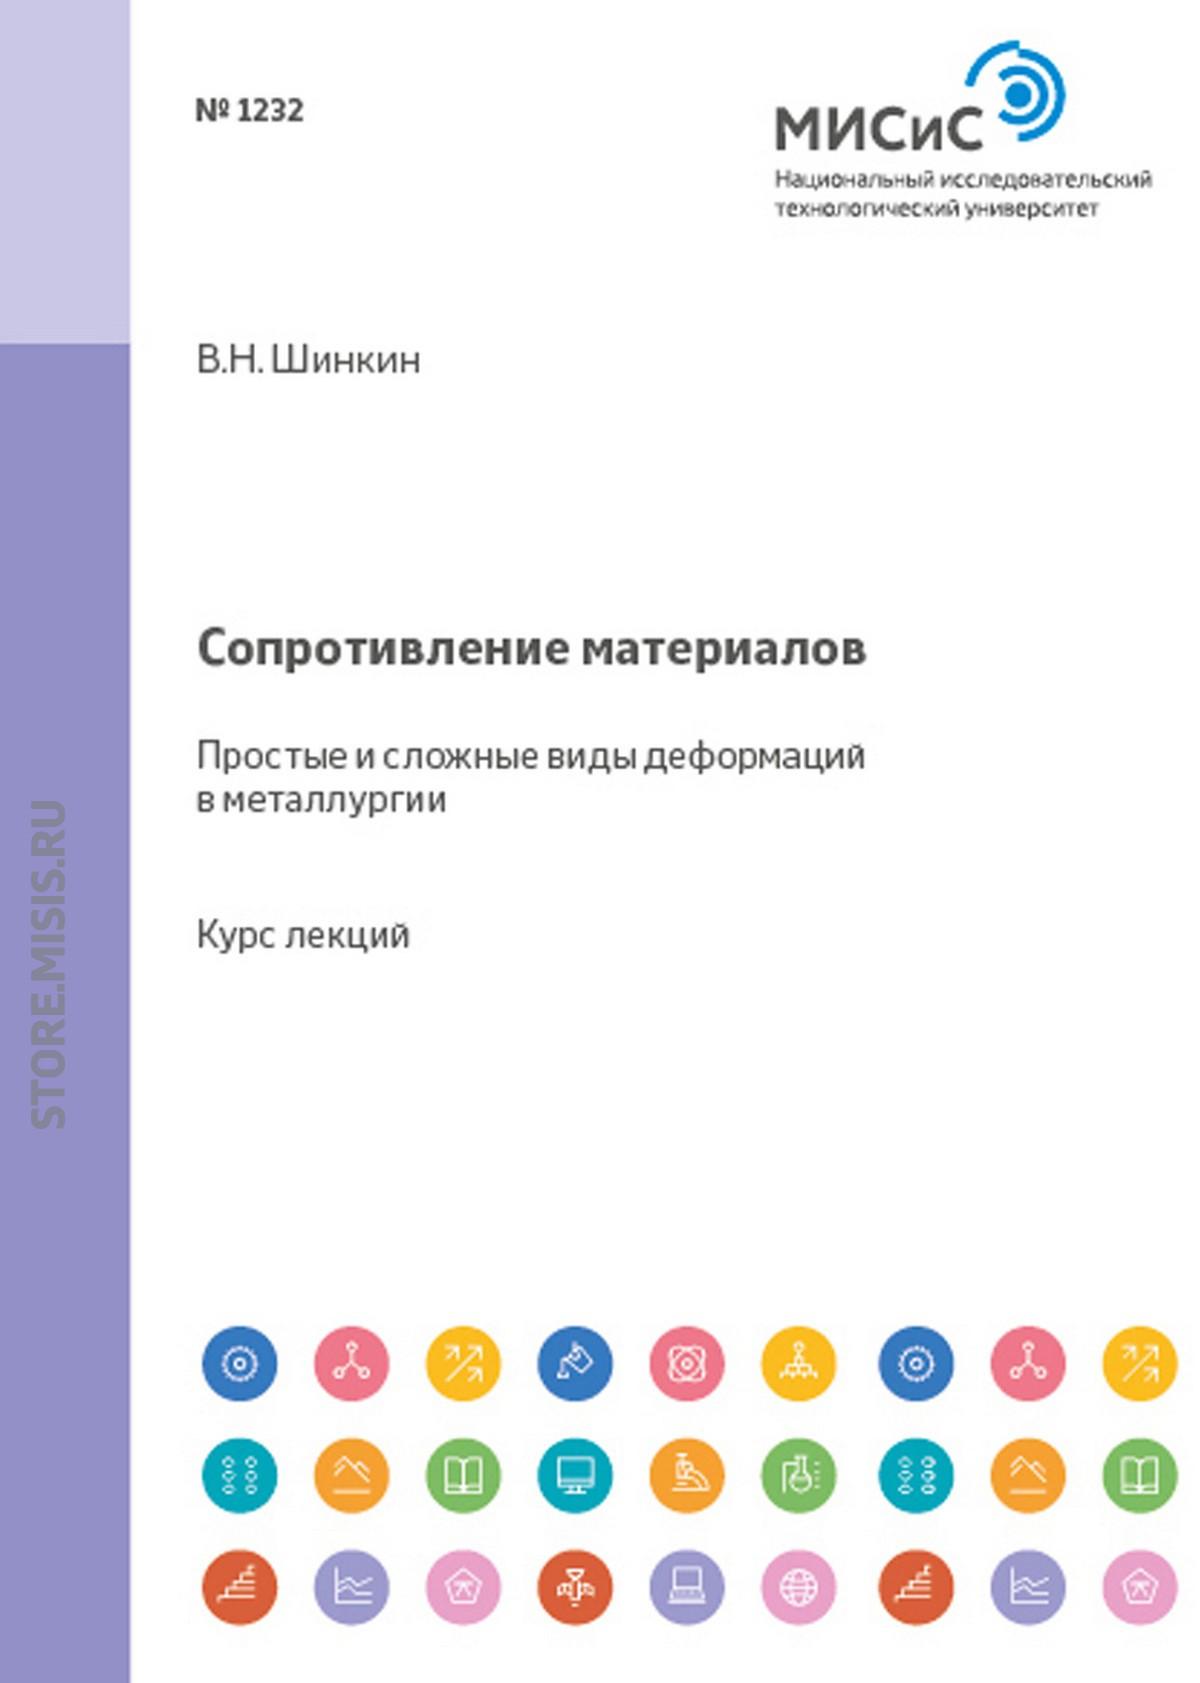 В. Н. Шинкин Сопротивление материалов. Простые и сложные виды деформаций в металлургии